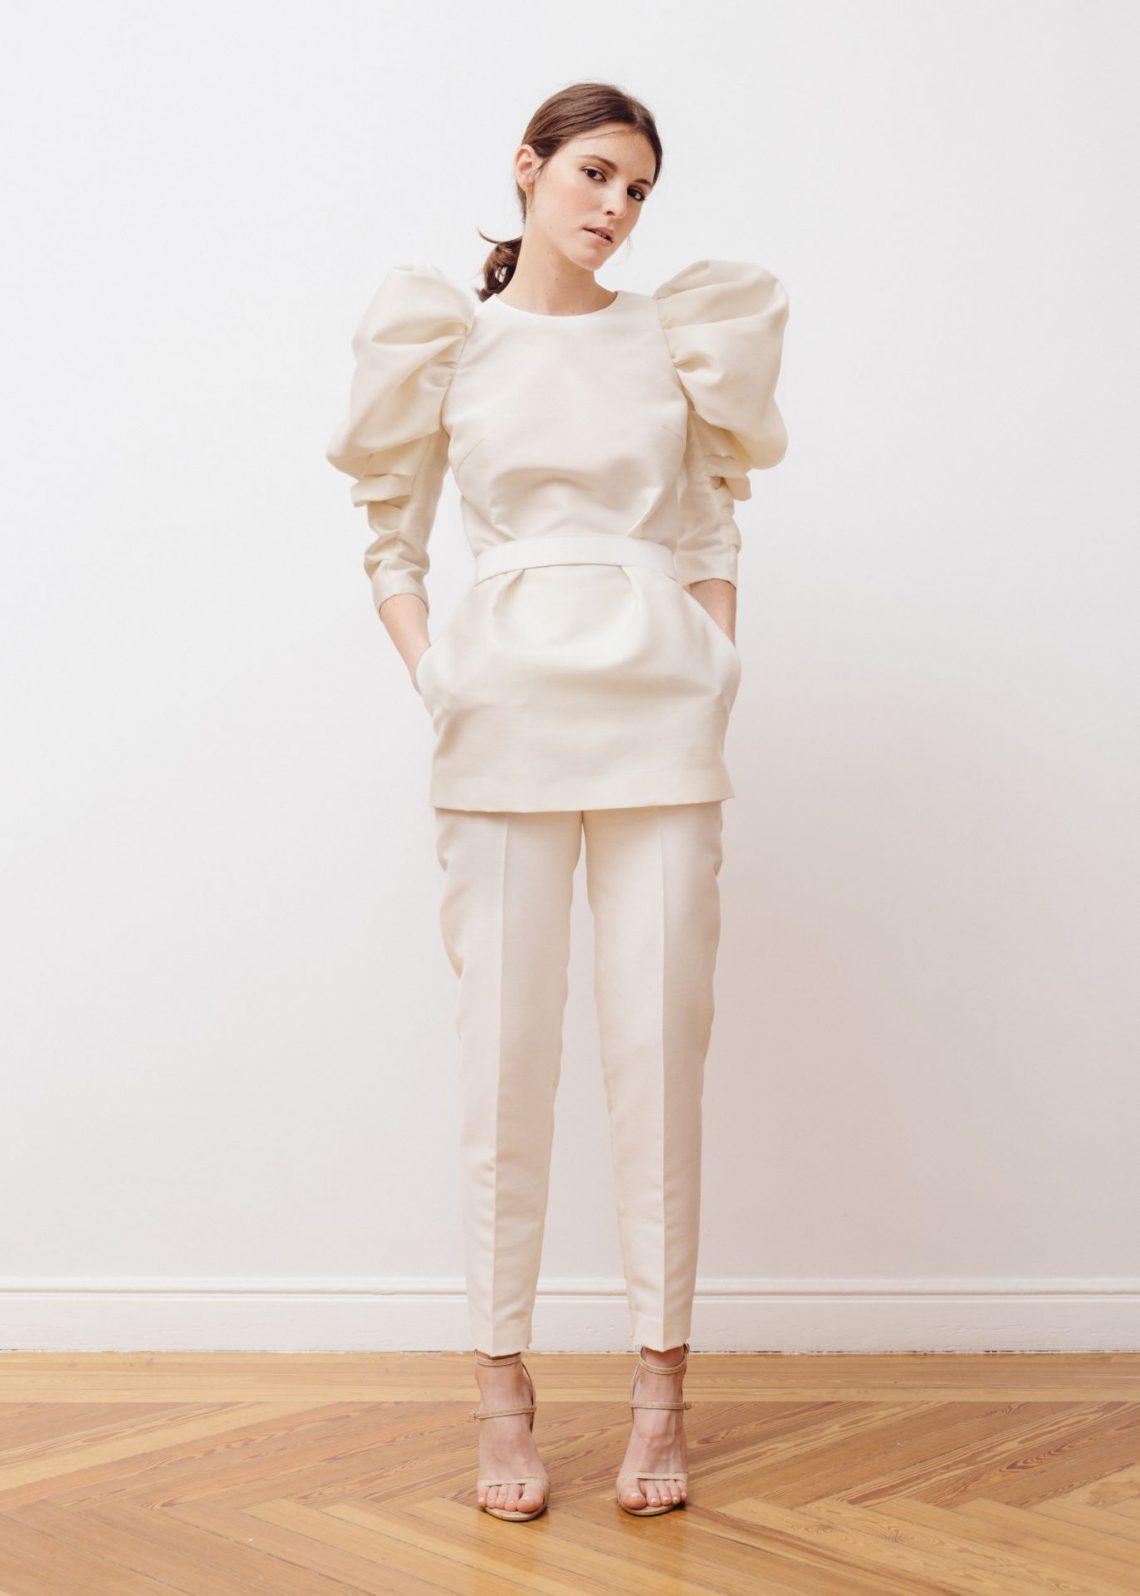 Si te gusta el mundo de la moda y te quieres dedicar profesionalmente a ello… ¡hemos encontrado la mejor manera de hacerlo!